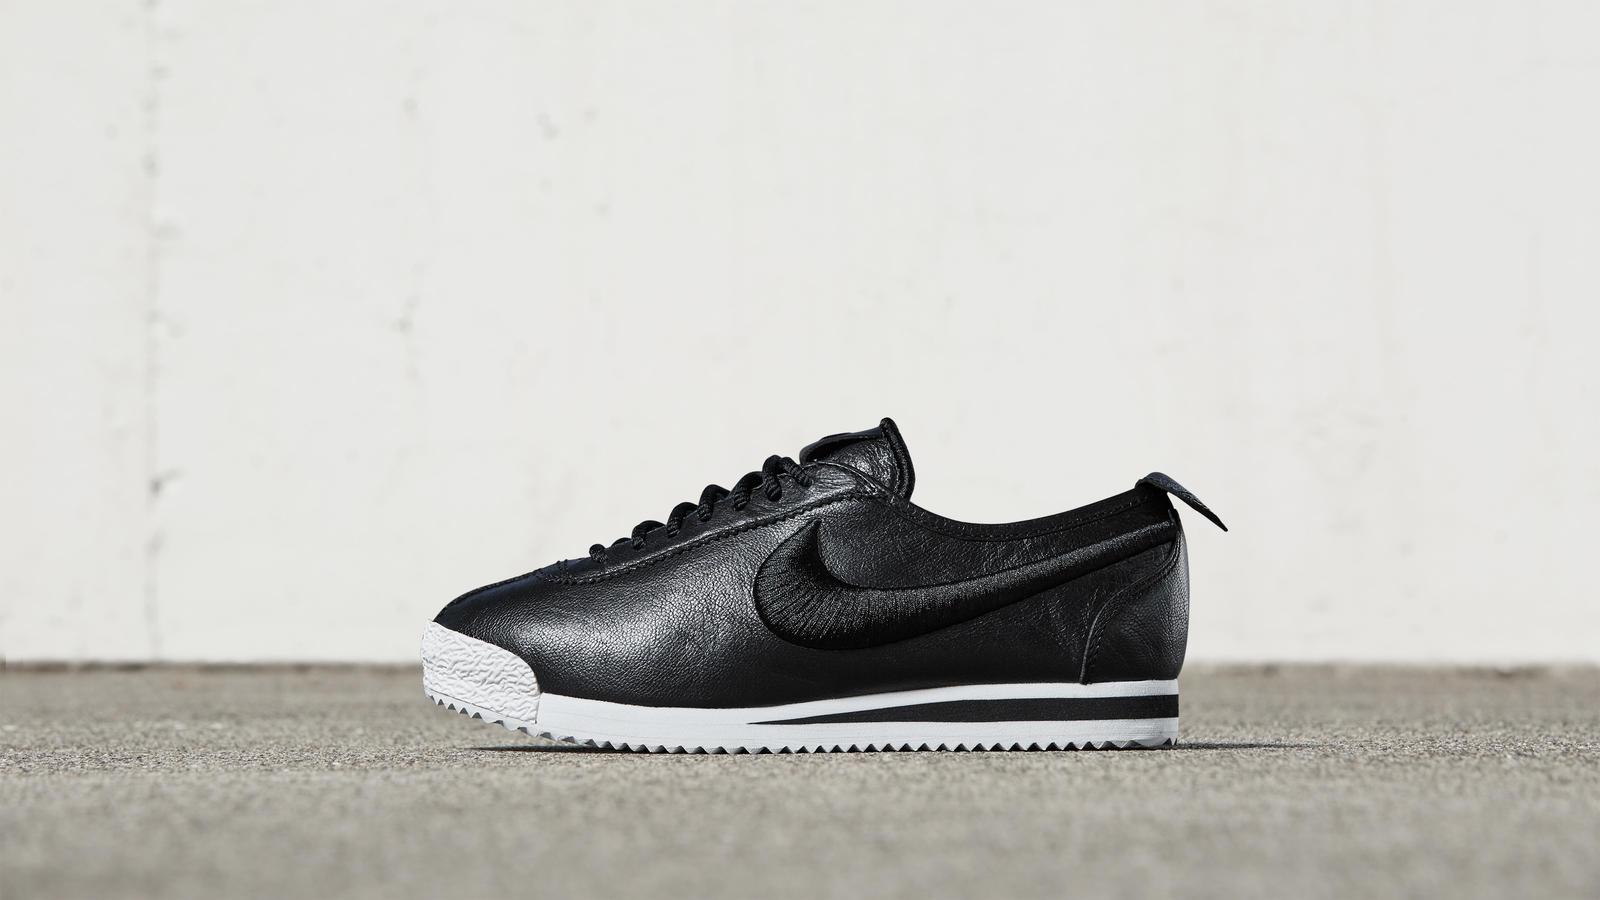 161205 footwear cortez 0114 hd 1600